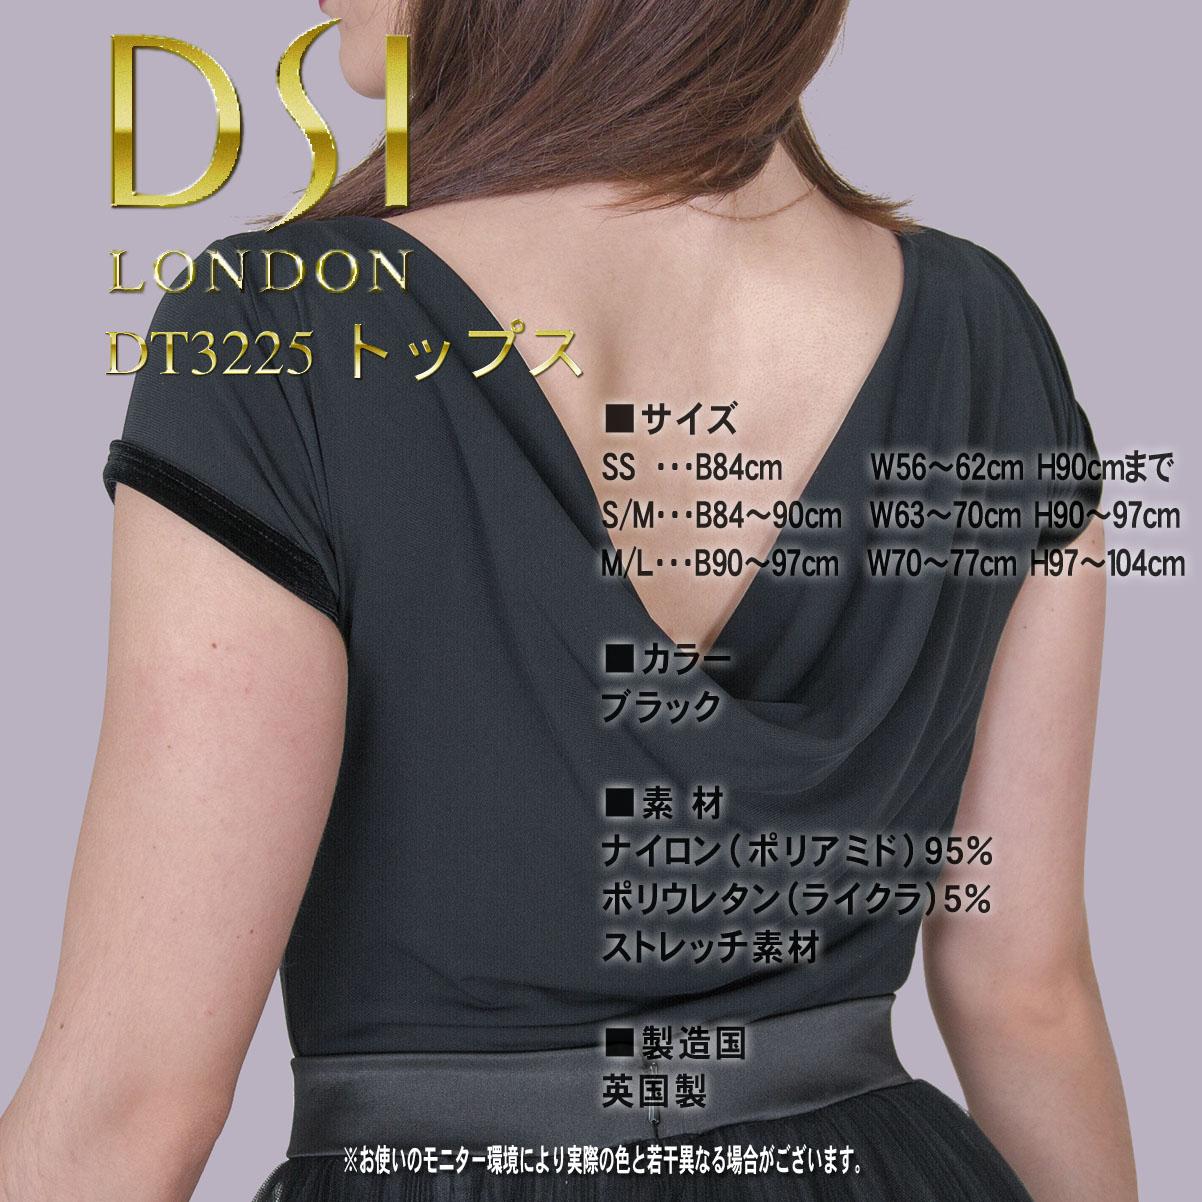 DSI 3225 Tessa Top DT3225 トップス03